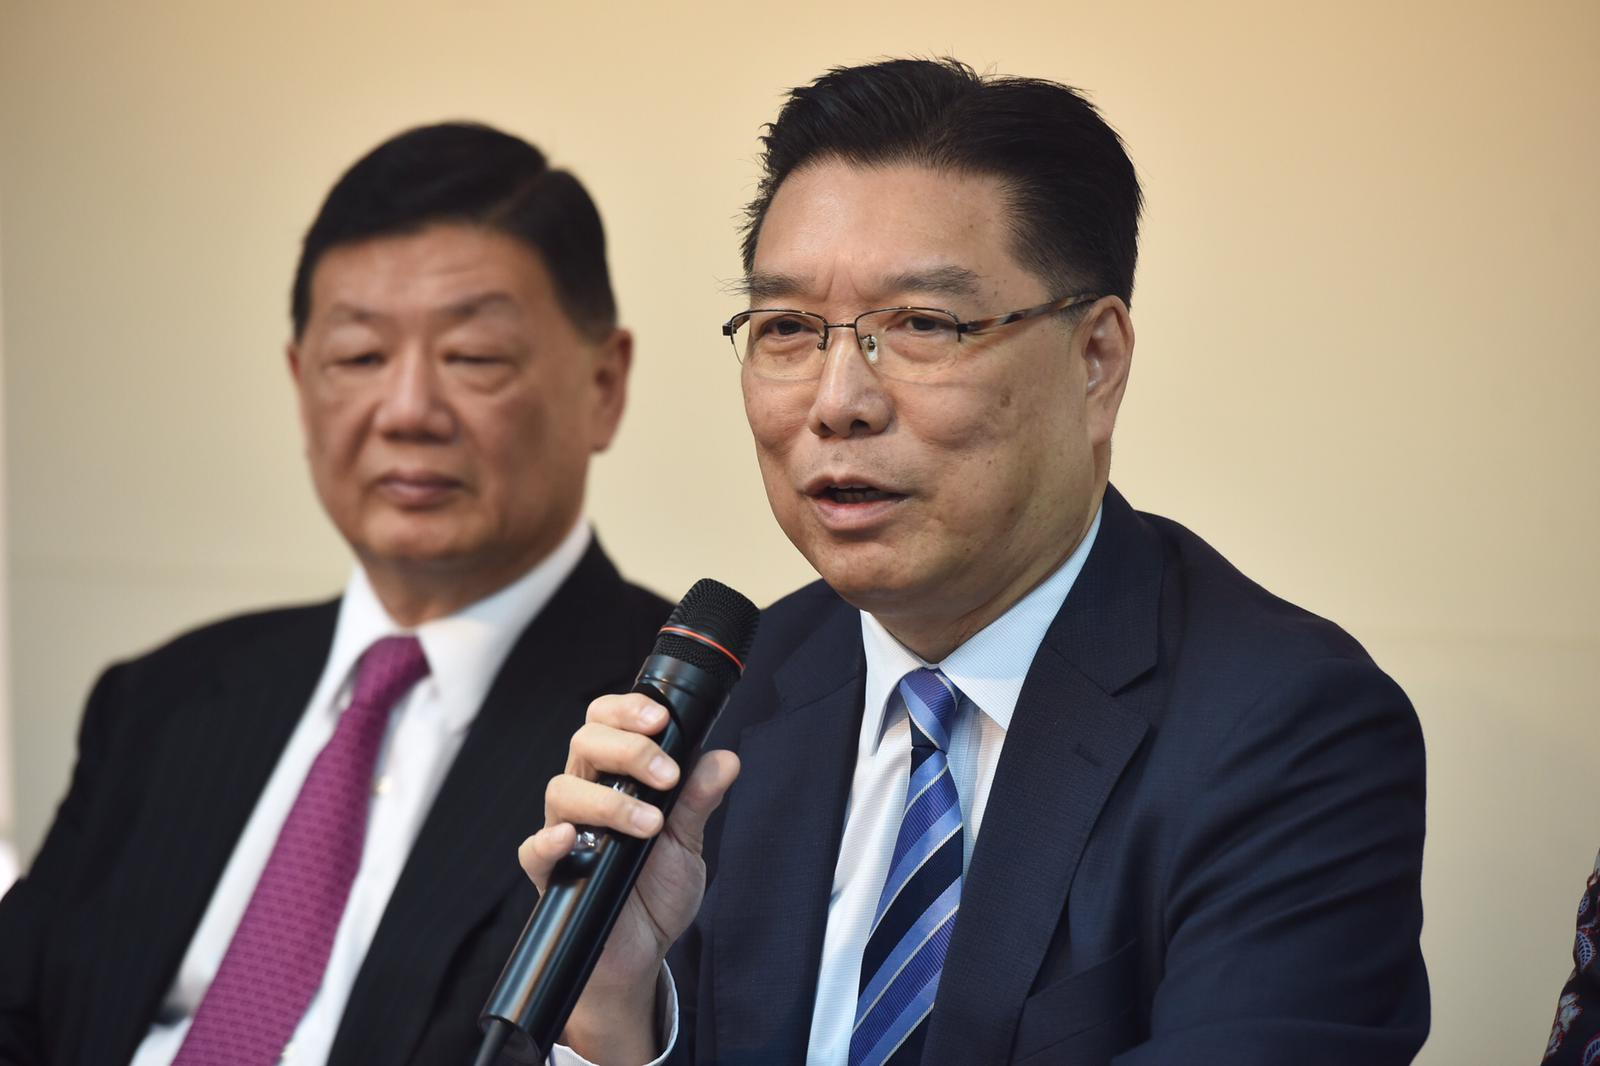 聯盟召集人、港區人大代表李應生。